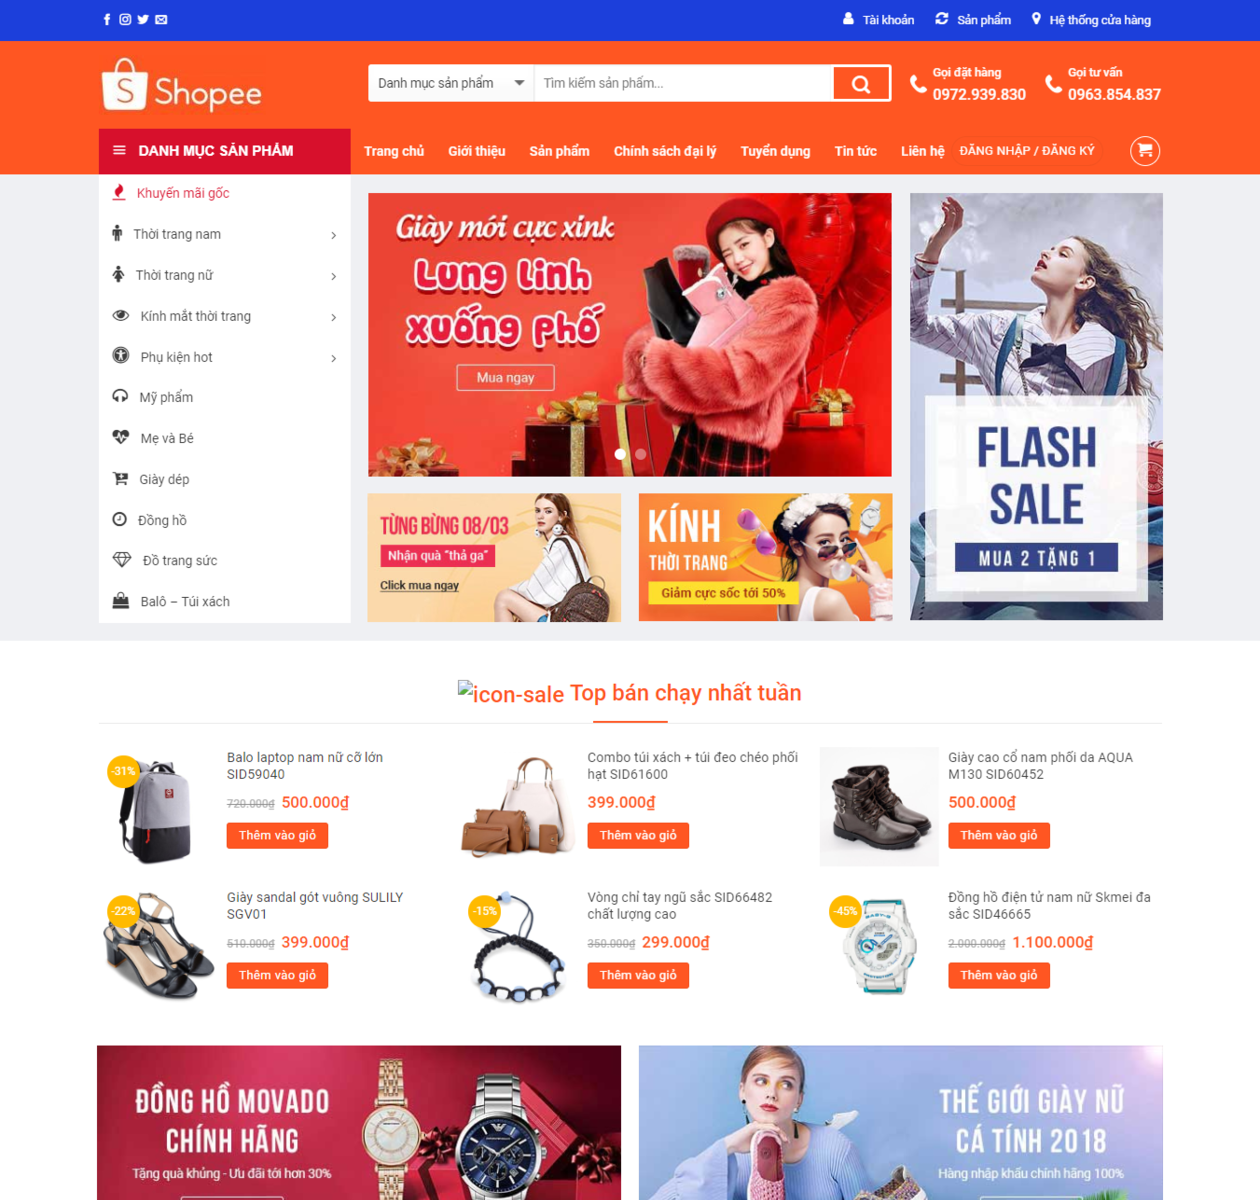 Mẫu web bán hàng shoppe thumbnail